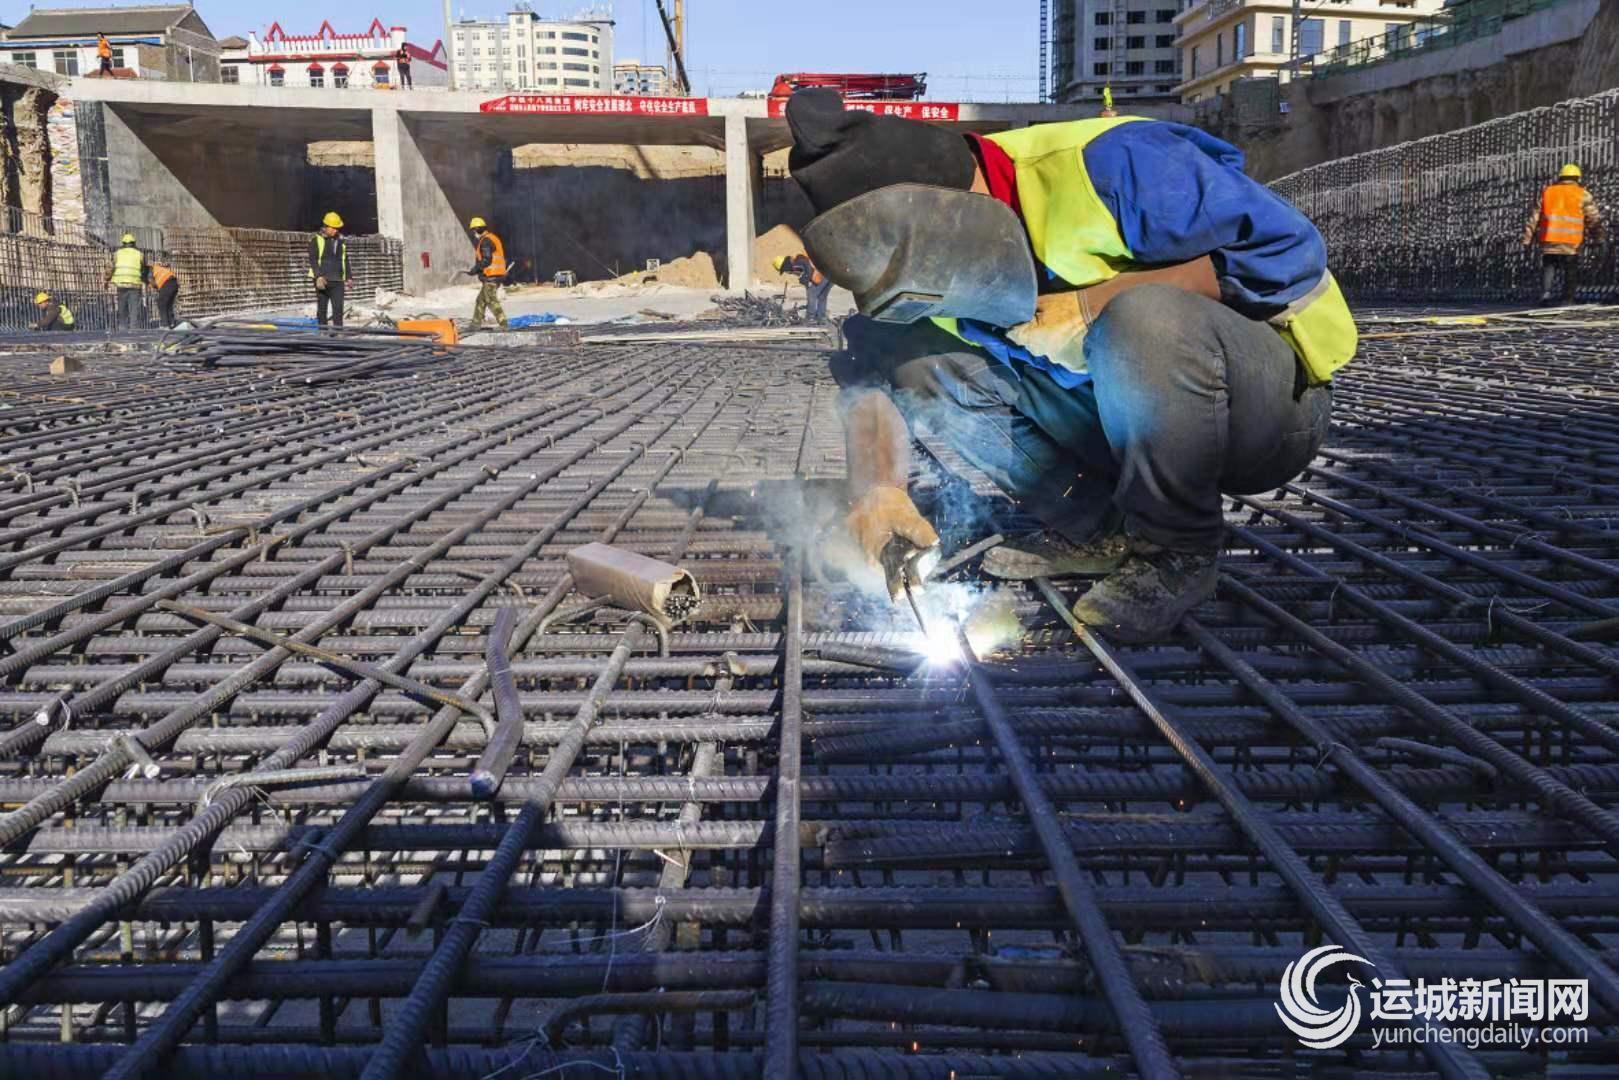 运城|人民路下穿铁路立交桥已完成桥梁顶进作业 预计春节前主车道具备通车条件